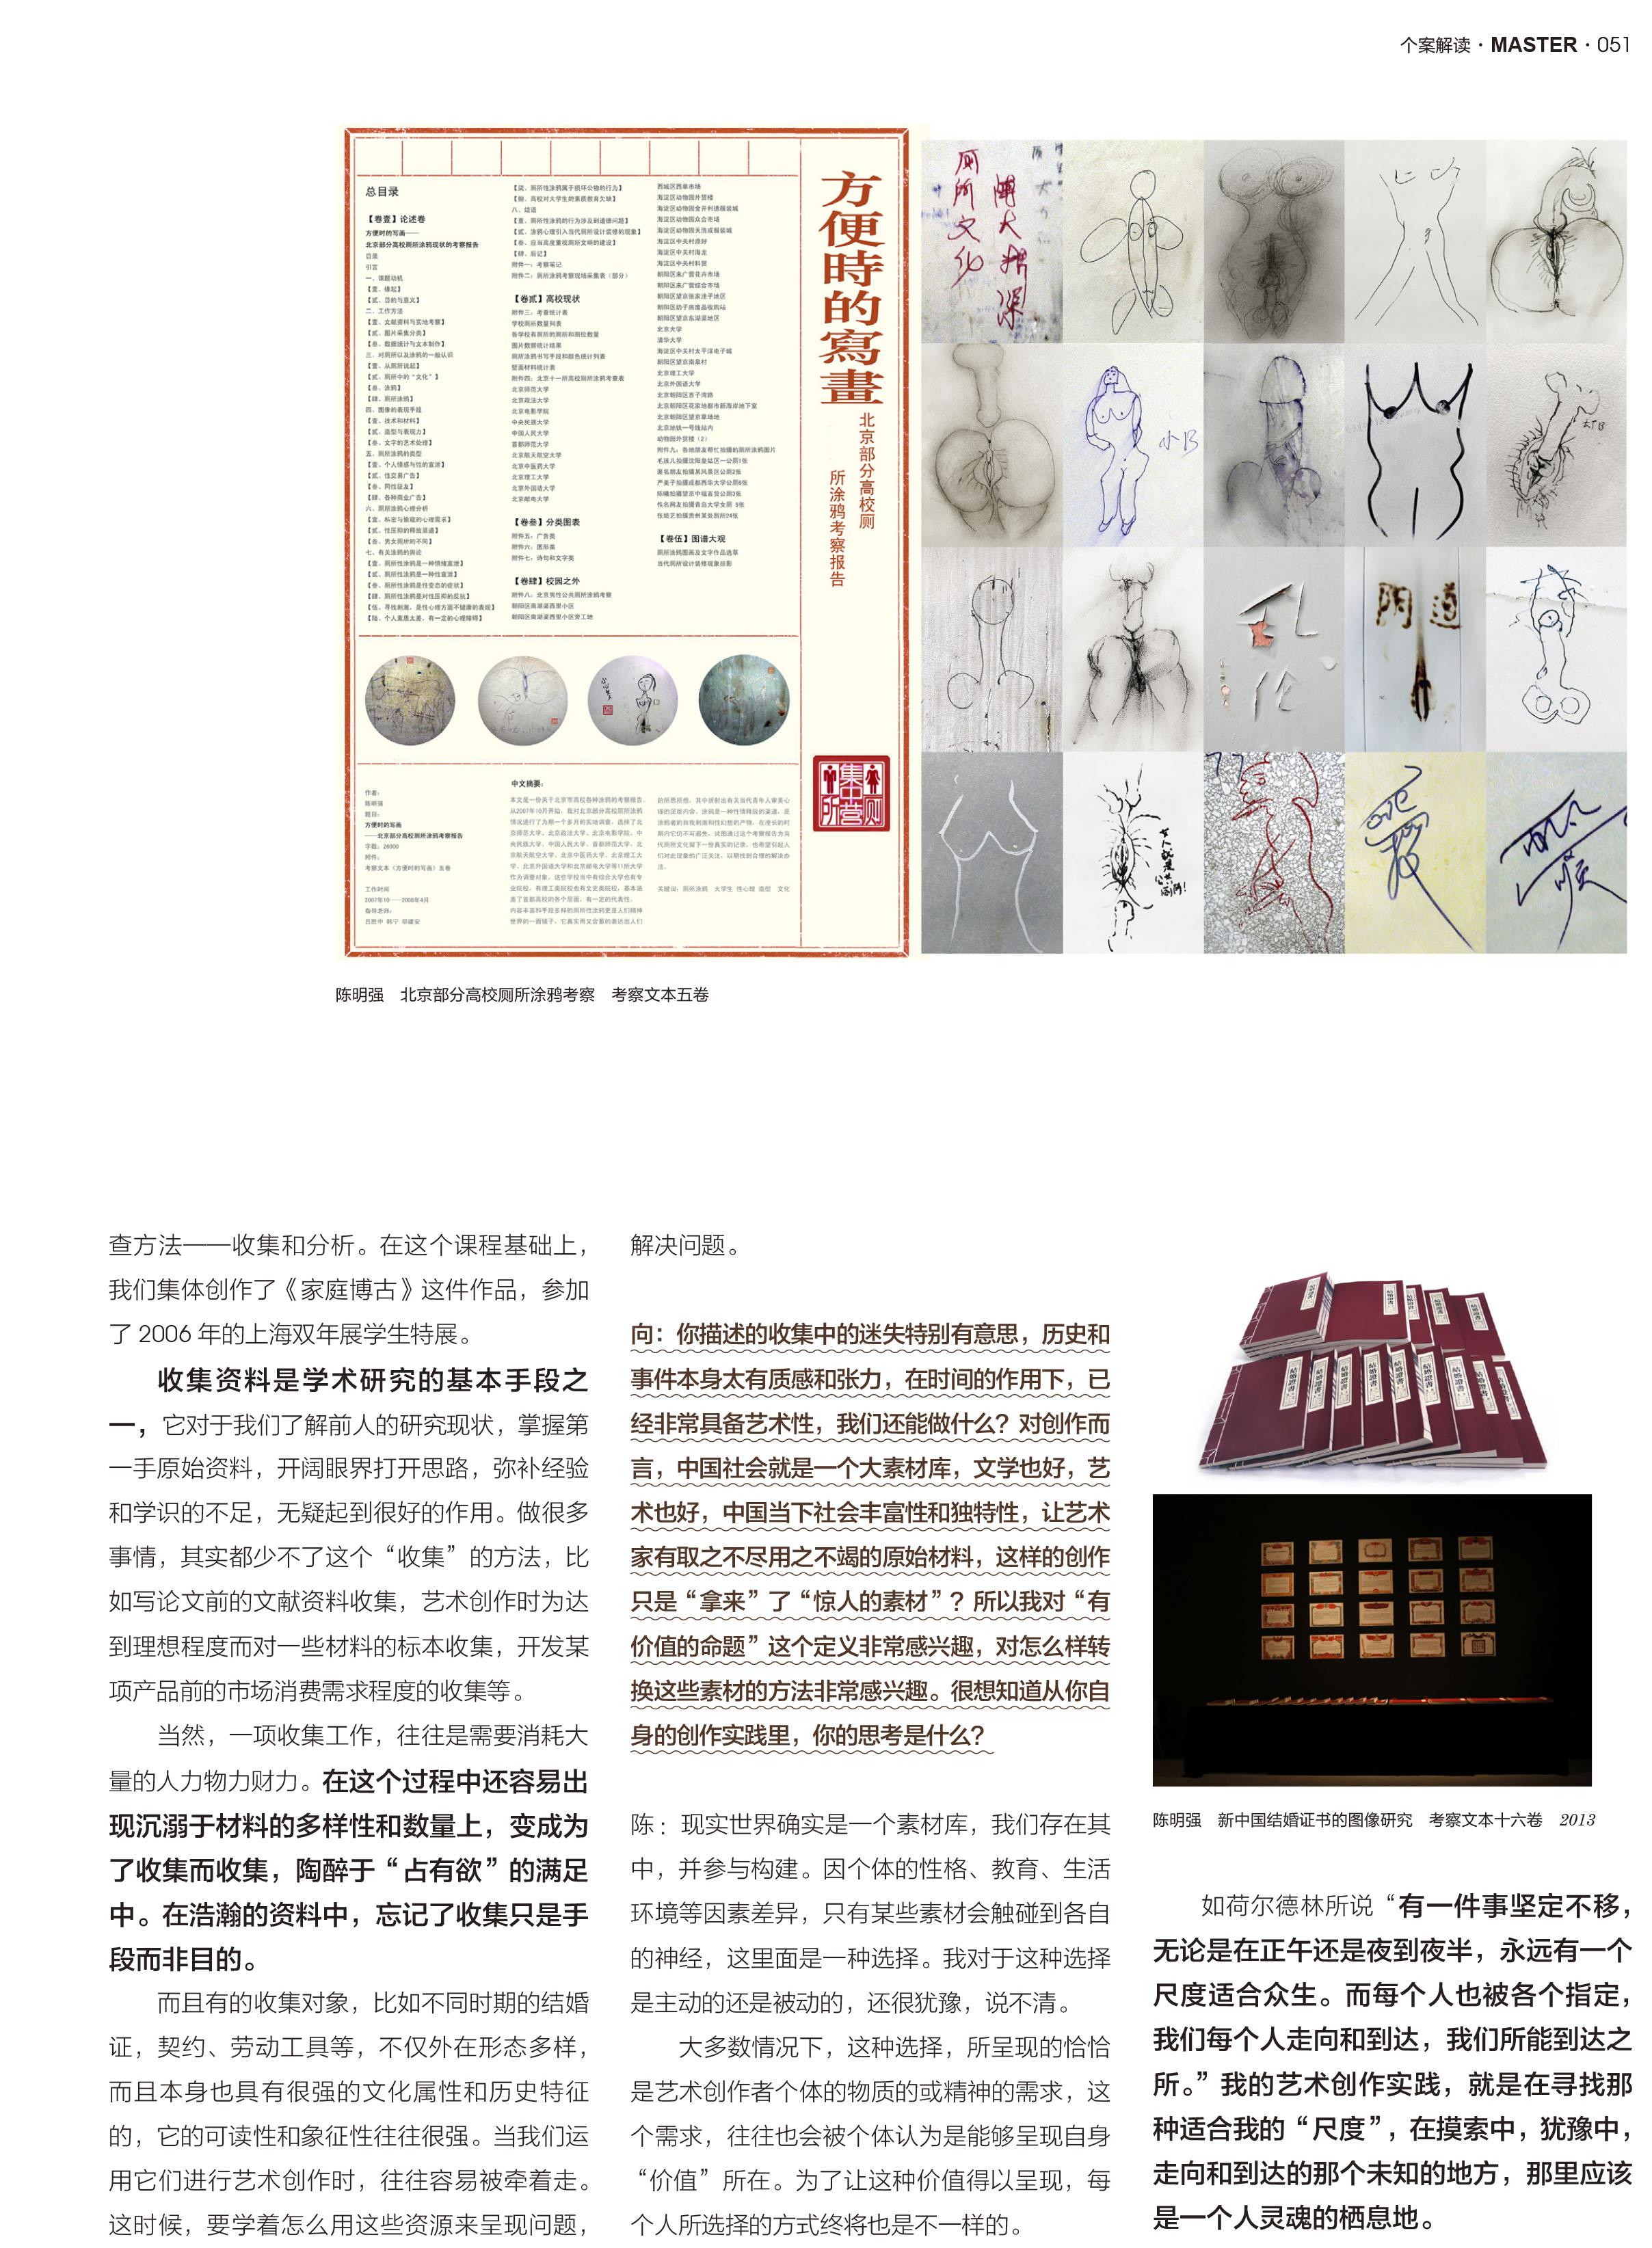 个案-向京x陈明强-2.jpg